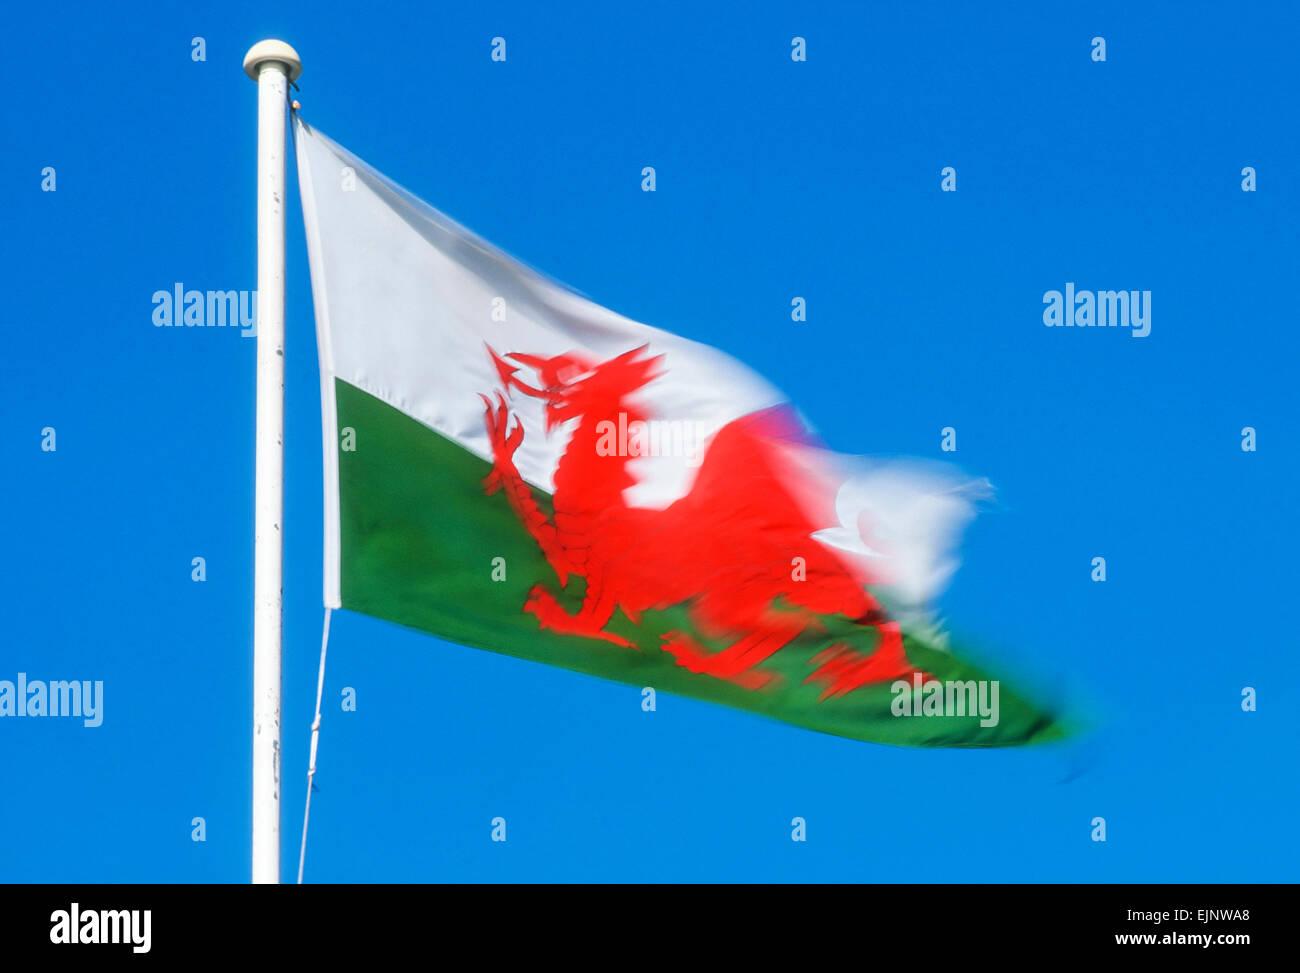 Drapeau gallois dans le vent sur fond de ciel bleu, Cardiff, Pays de Galles, Royaume-Uni, Europe, UE GO Photo Stock